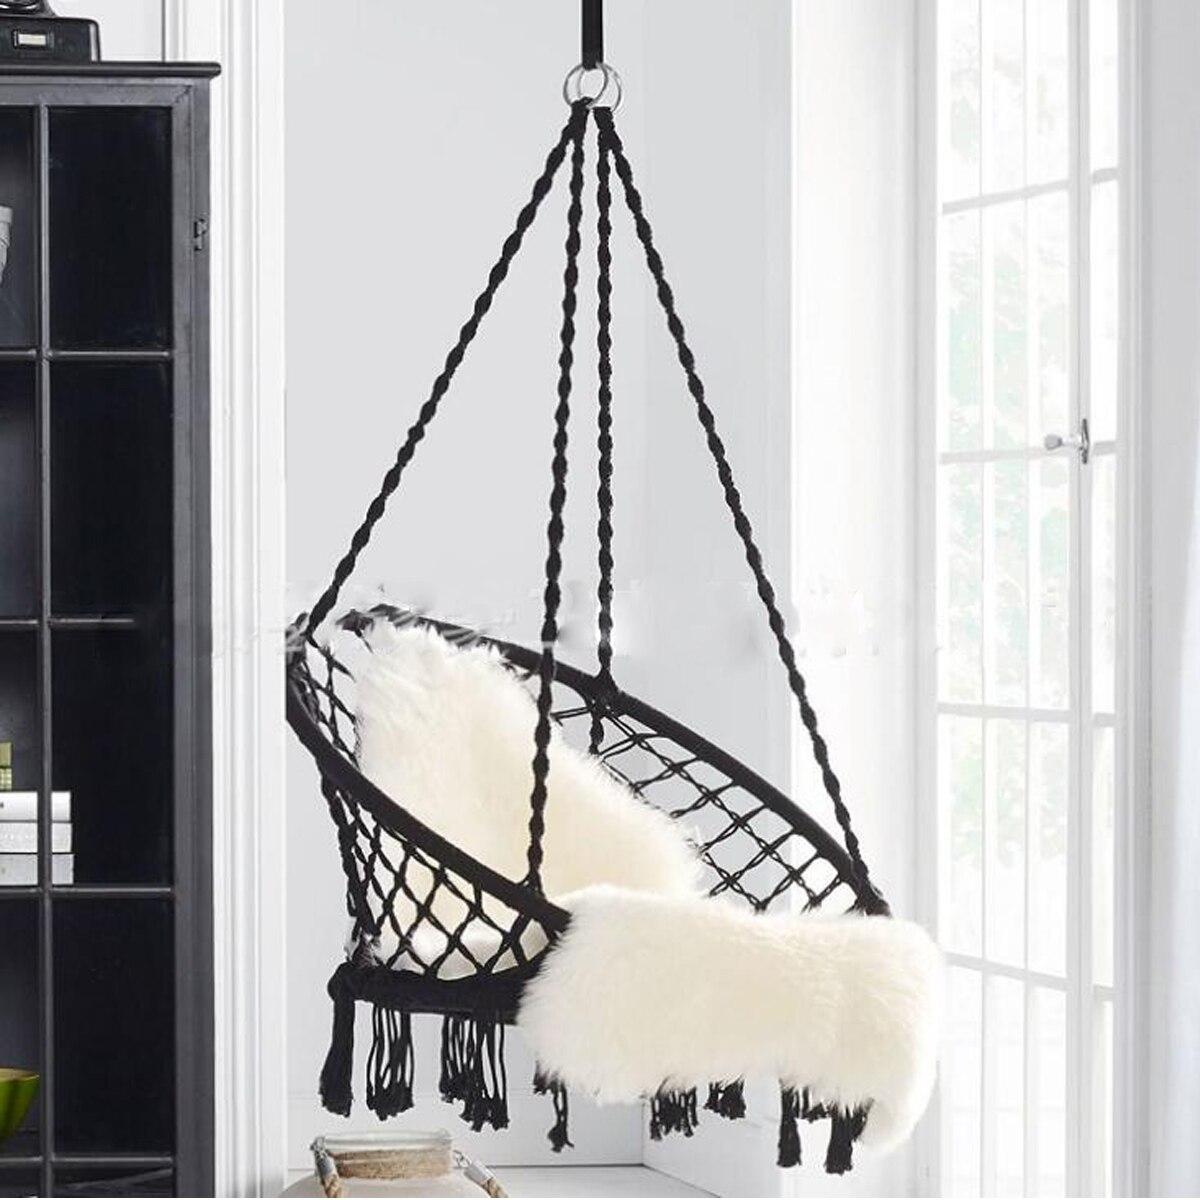 Style nordique hamac rond extérieur intérieur dortoir chambre pour enfant adulte oscillant suspendu unique chaise de sécurité hamac